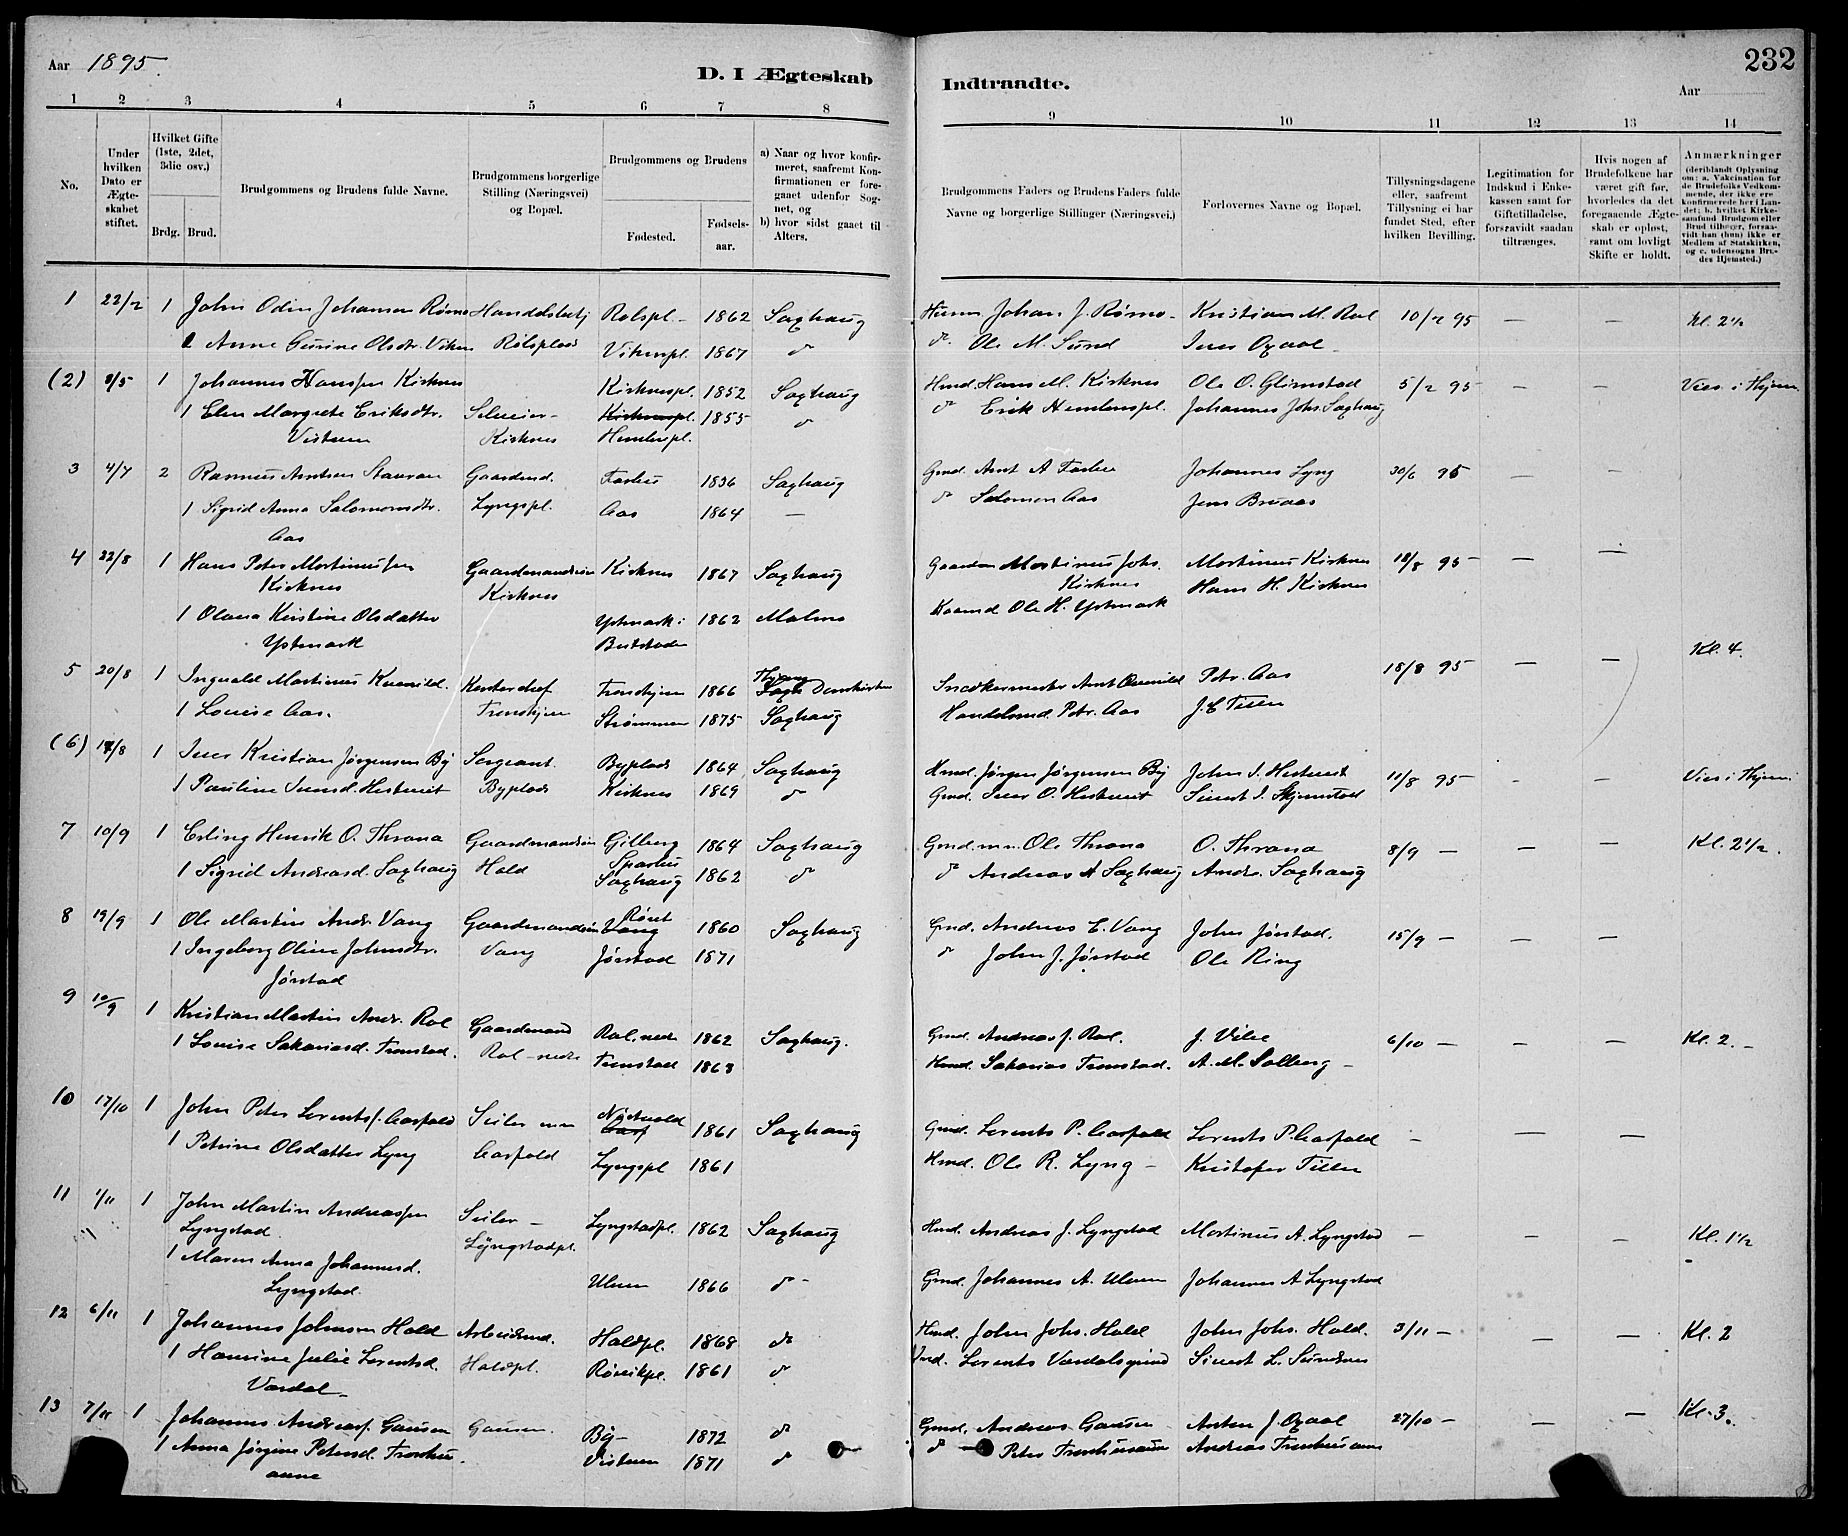 SAT, Ministerialprotokoller, klokkerbøker og fødselsregistre - Nord-Trøndelag, 730/L0301: Klokkerbok nr. 730C04, 1880-1897, s. 232